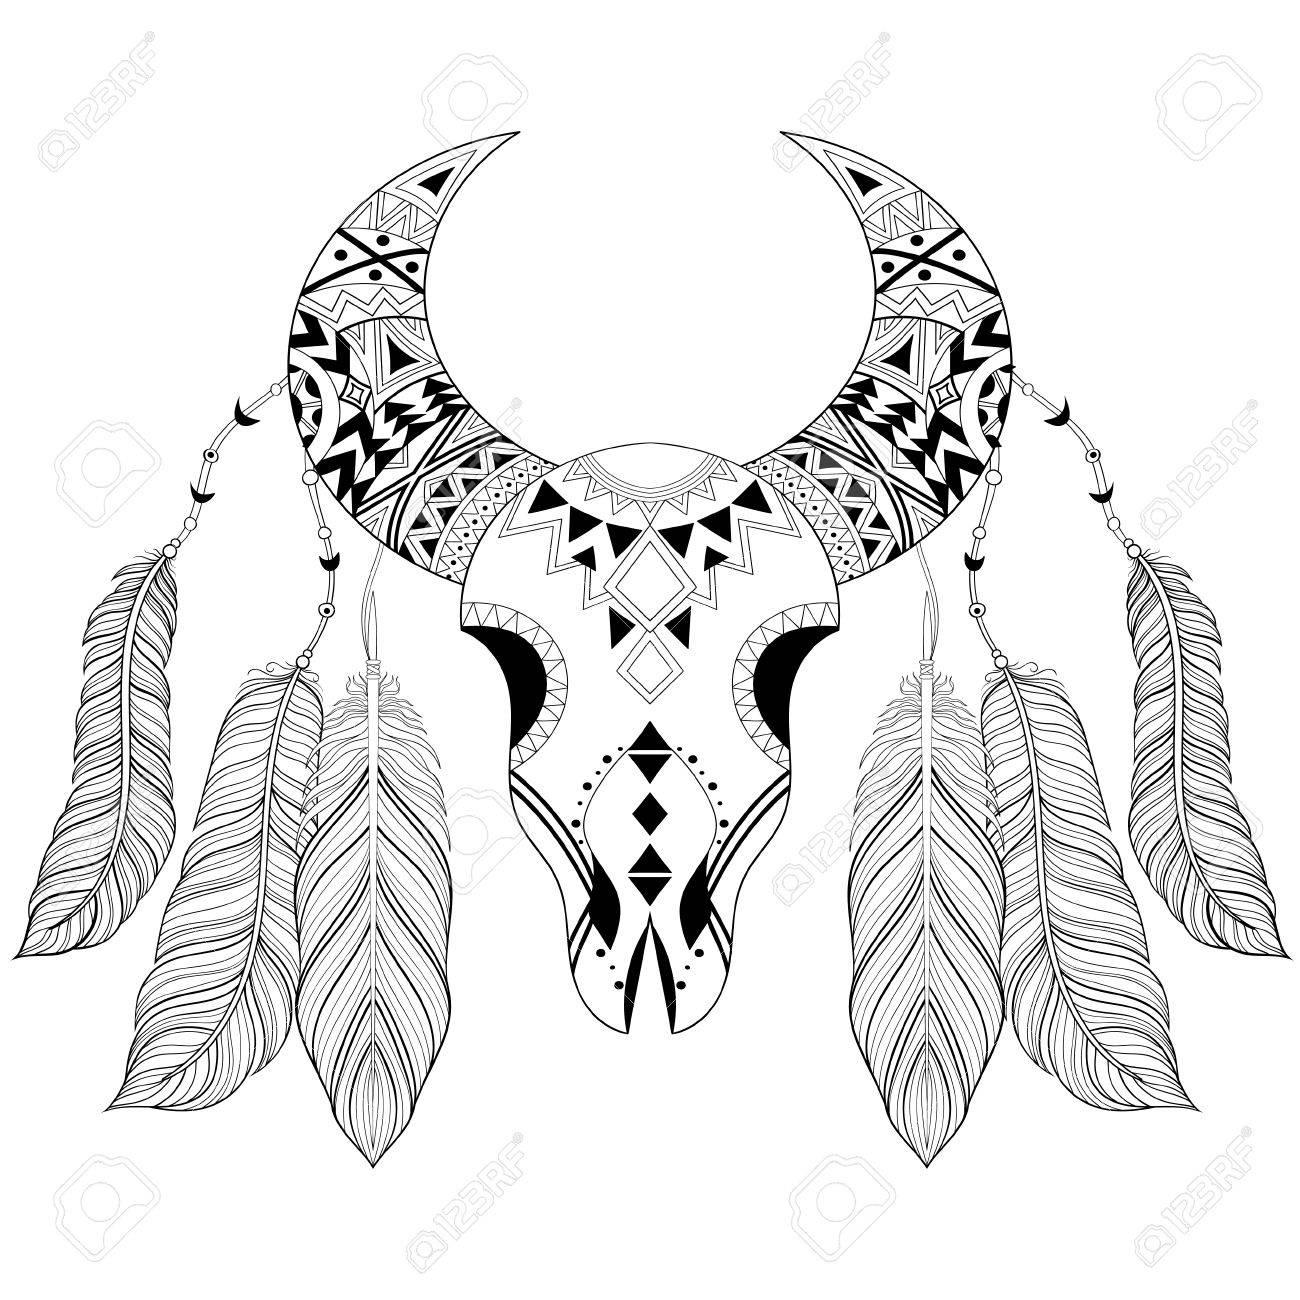 1300x1300 Zentangle Boho Animal Skull With Bird Feathers. American Ethnic